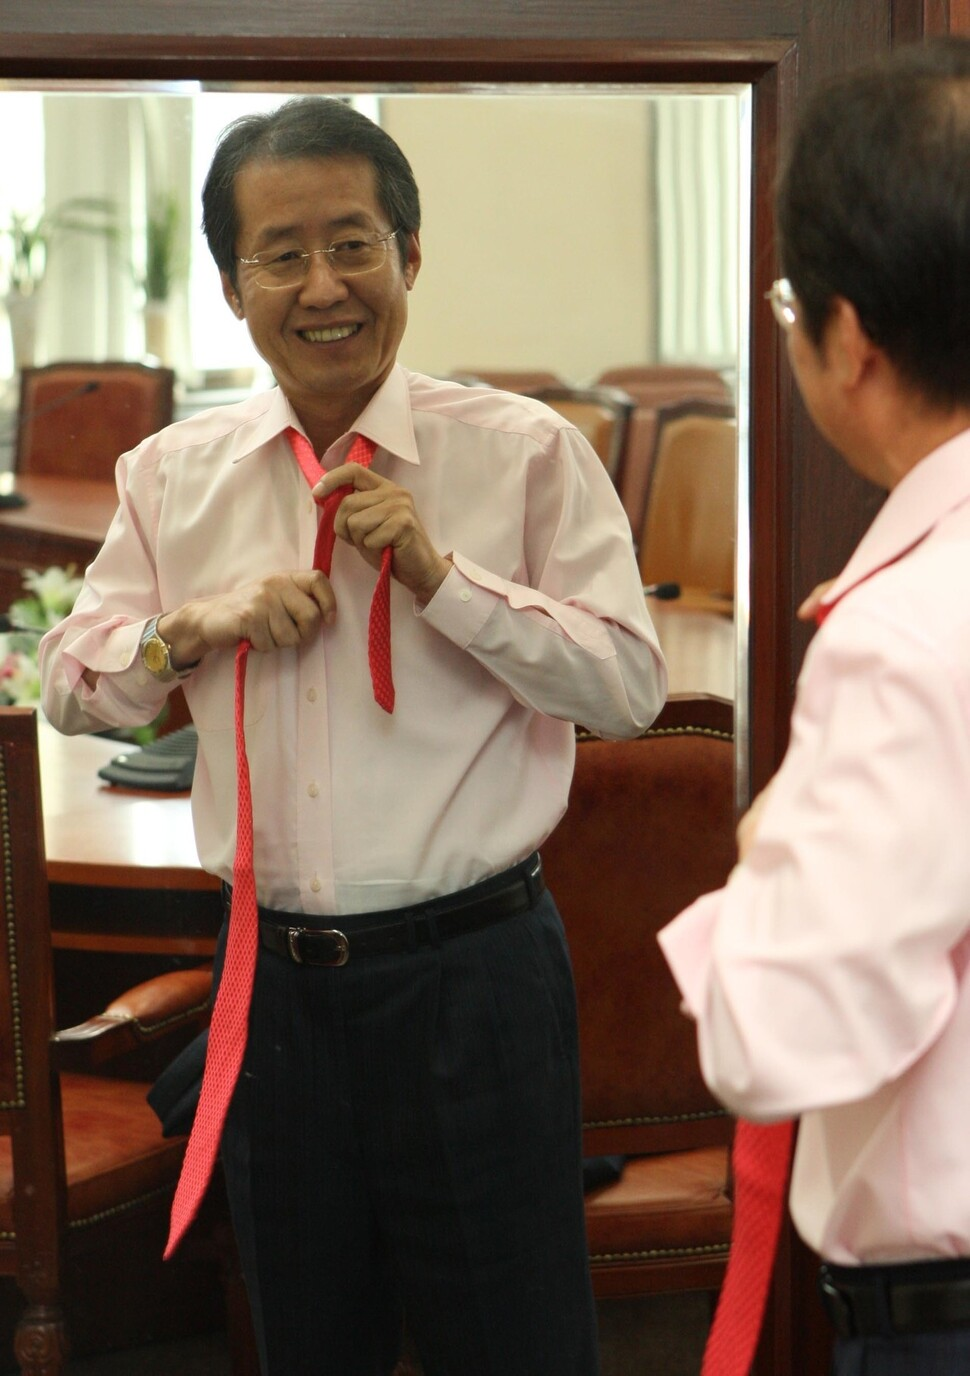 이 사진이 내 눈길을 끈다. 언제나 이를 악물 것 같은 홍준표가 거울 앞에서 편하게 웃는다. 2008년에 강창광 기자가 찍었다. 이때도 빨간 넥타이를 좋아했다. 홍준표는 대선이 있는 2022년에 다시 웃을 수 있을까?